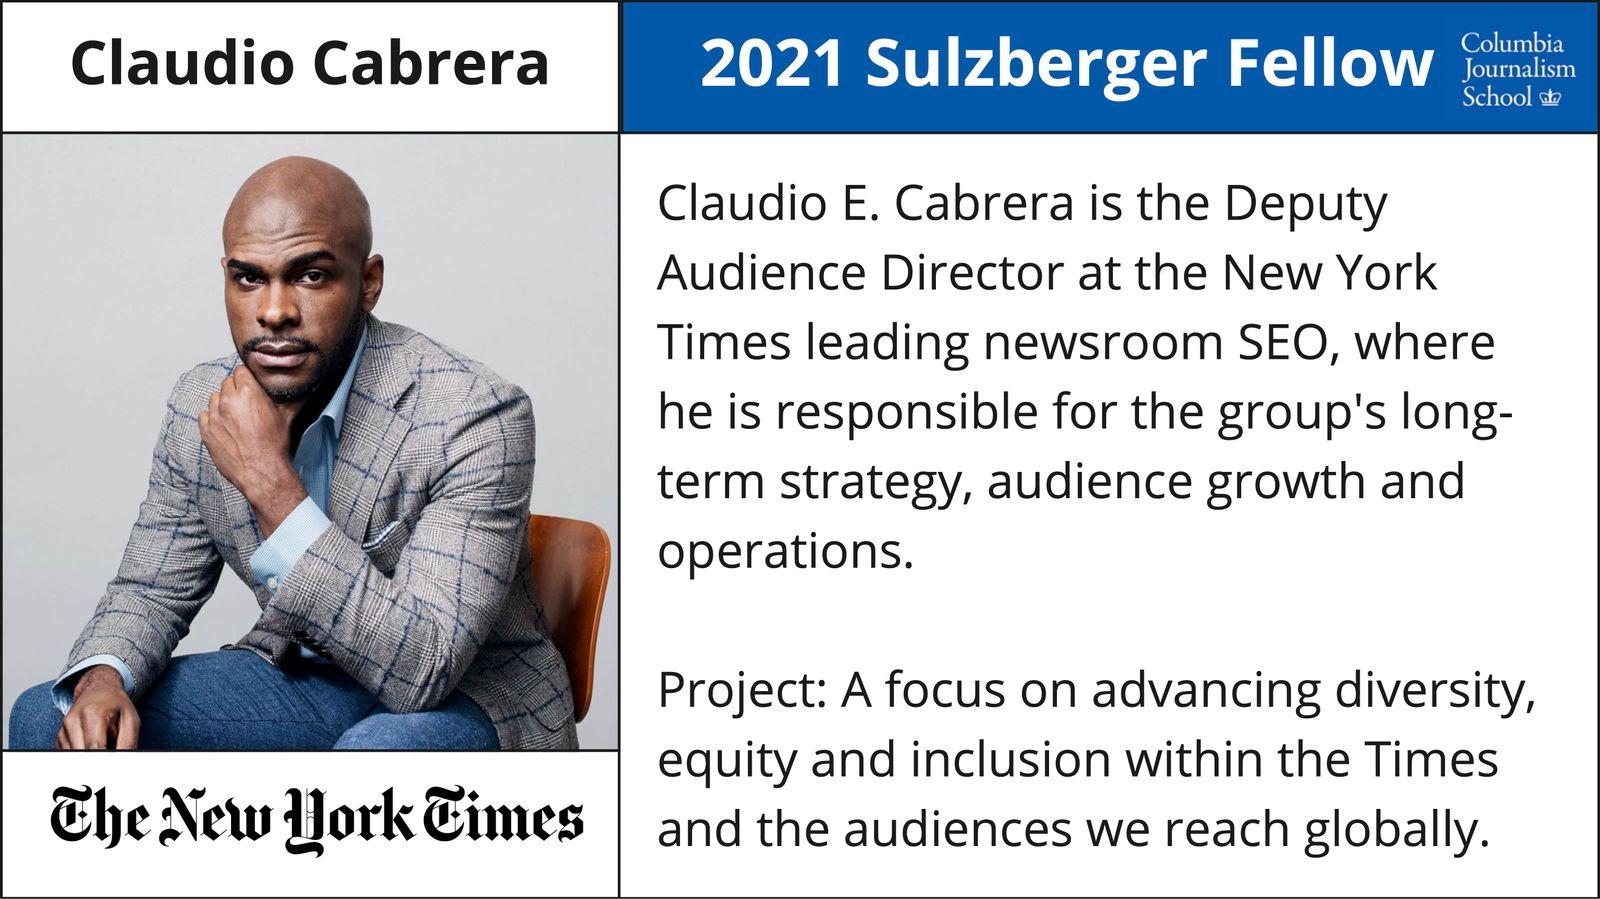 Claudio Cabrera